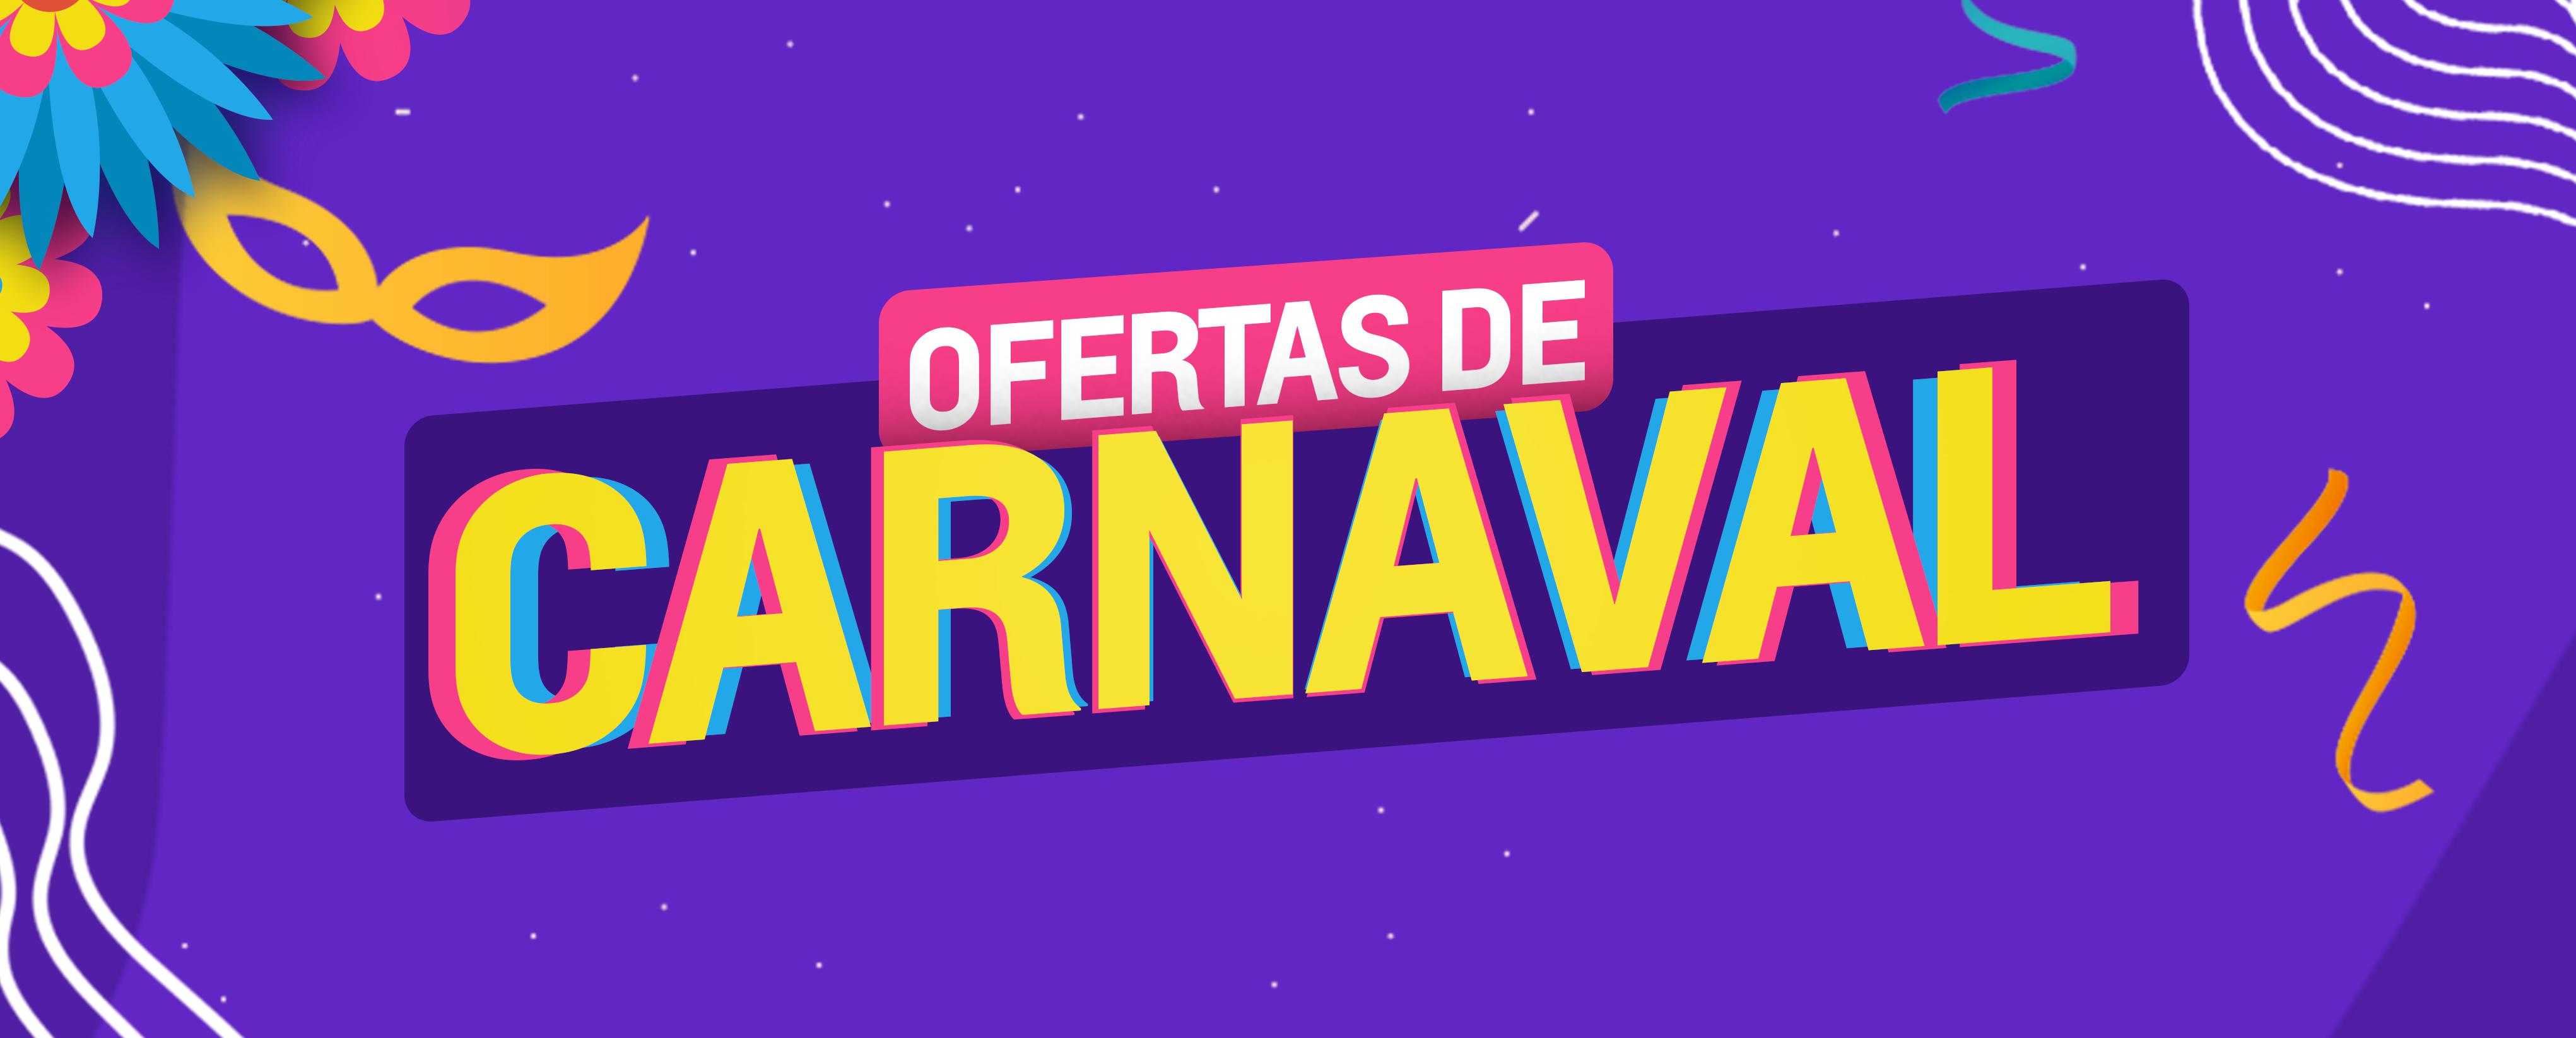 Ofertas de Carnaval Peças e Serviços Autopinda